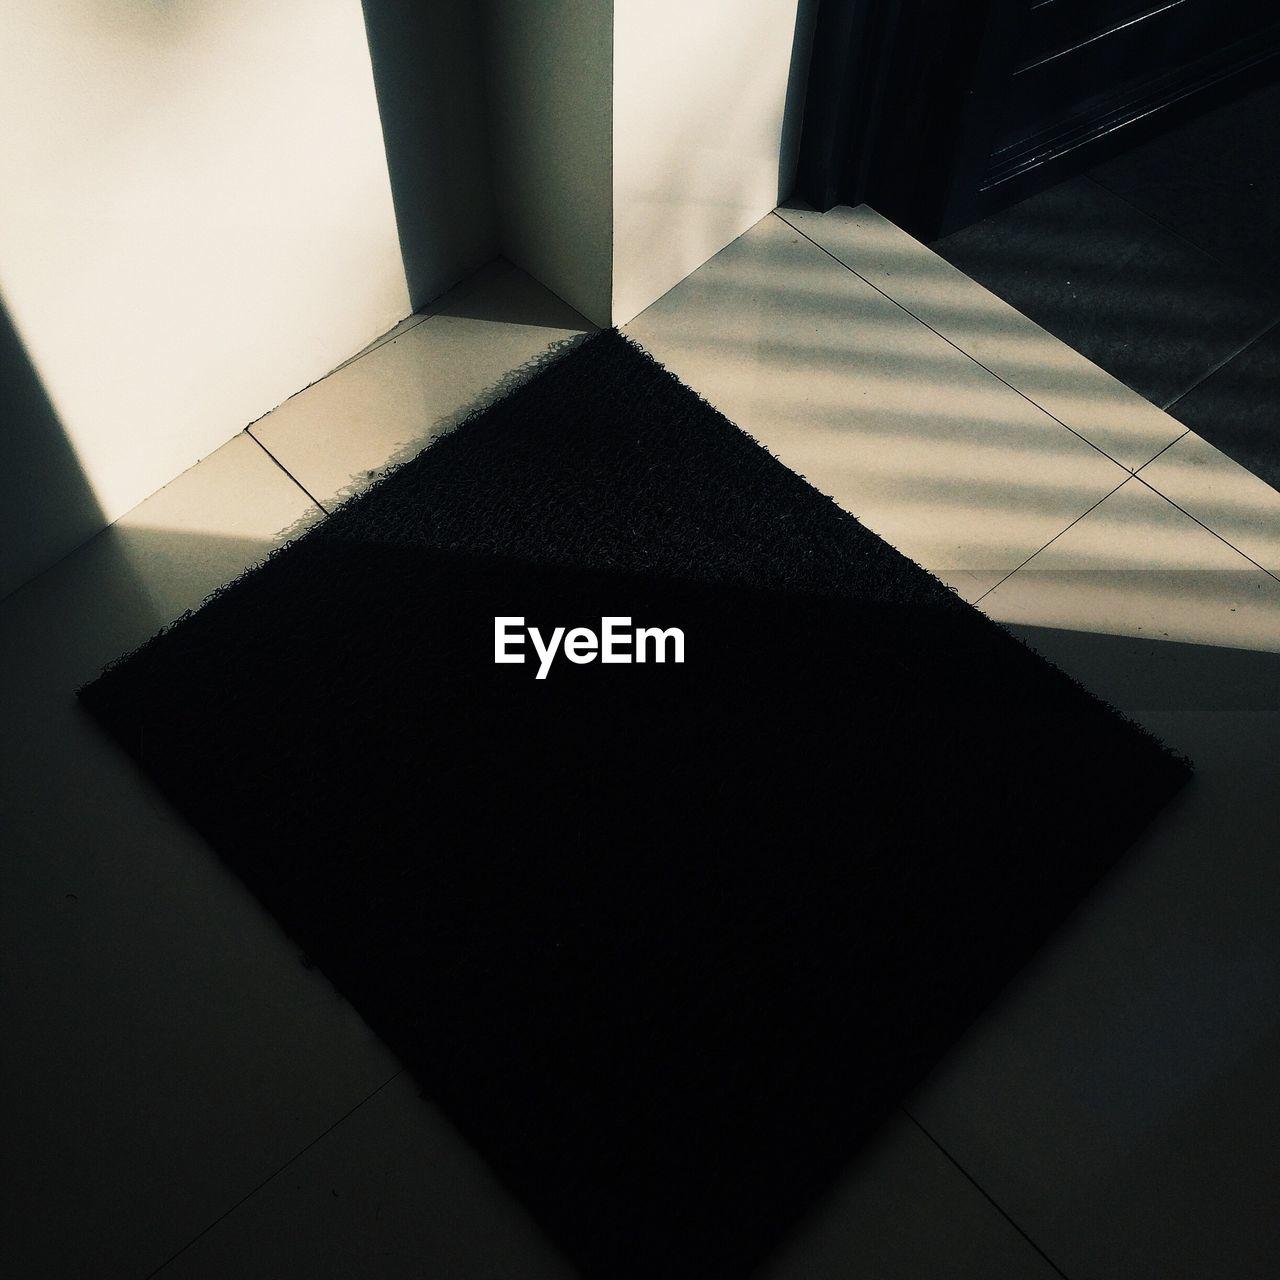 flooring, indoors, tiled floor, home interior, shadow, high angle view, no people, corridor, doorway, open door, day, geometry, close-up